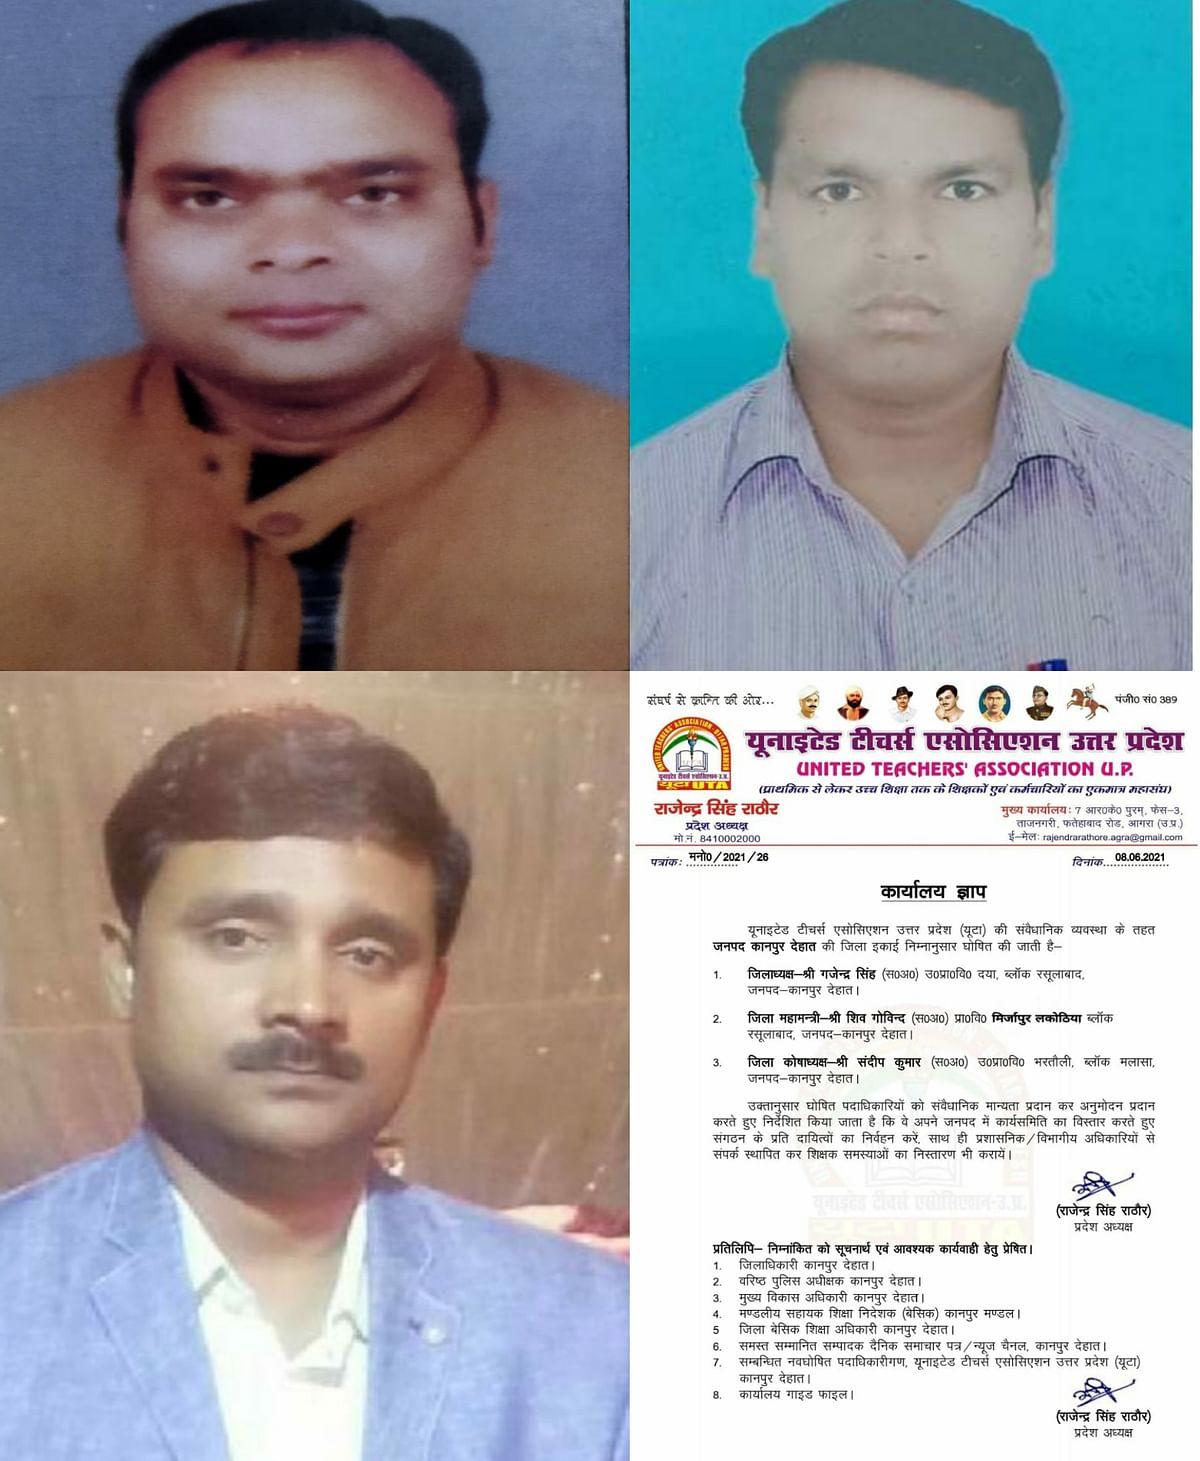 'यूटा' ने कानपुर देहात में बनाया जिलाध्यक्ष, महामंत्री और कोषाध्यक्ष